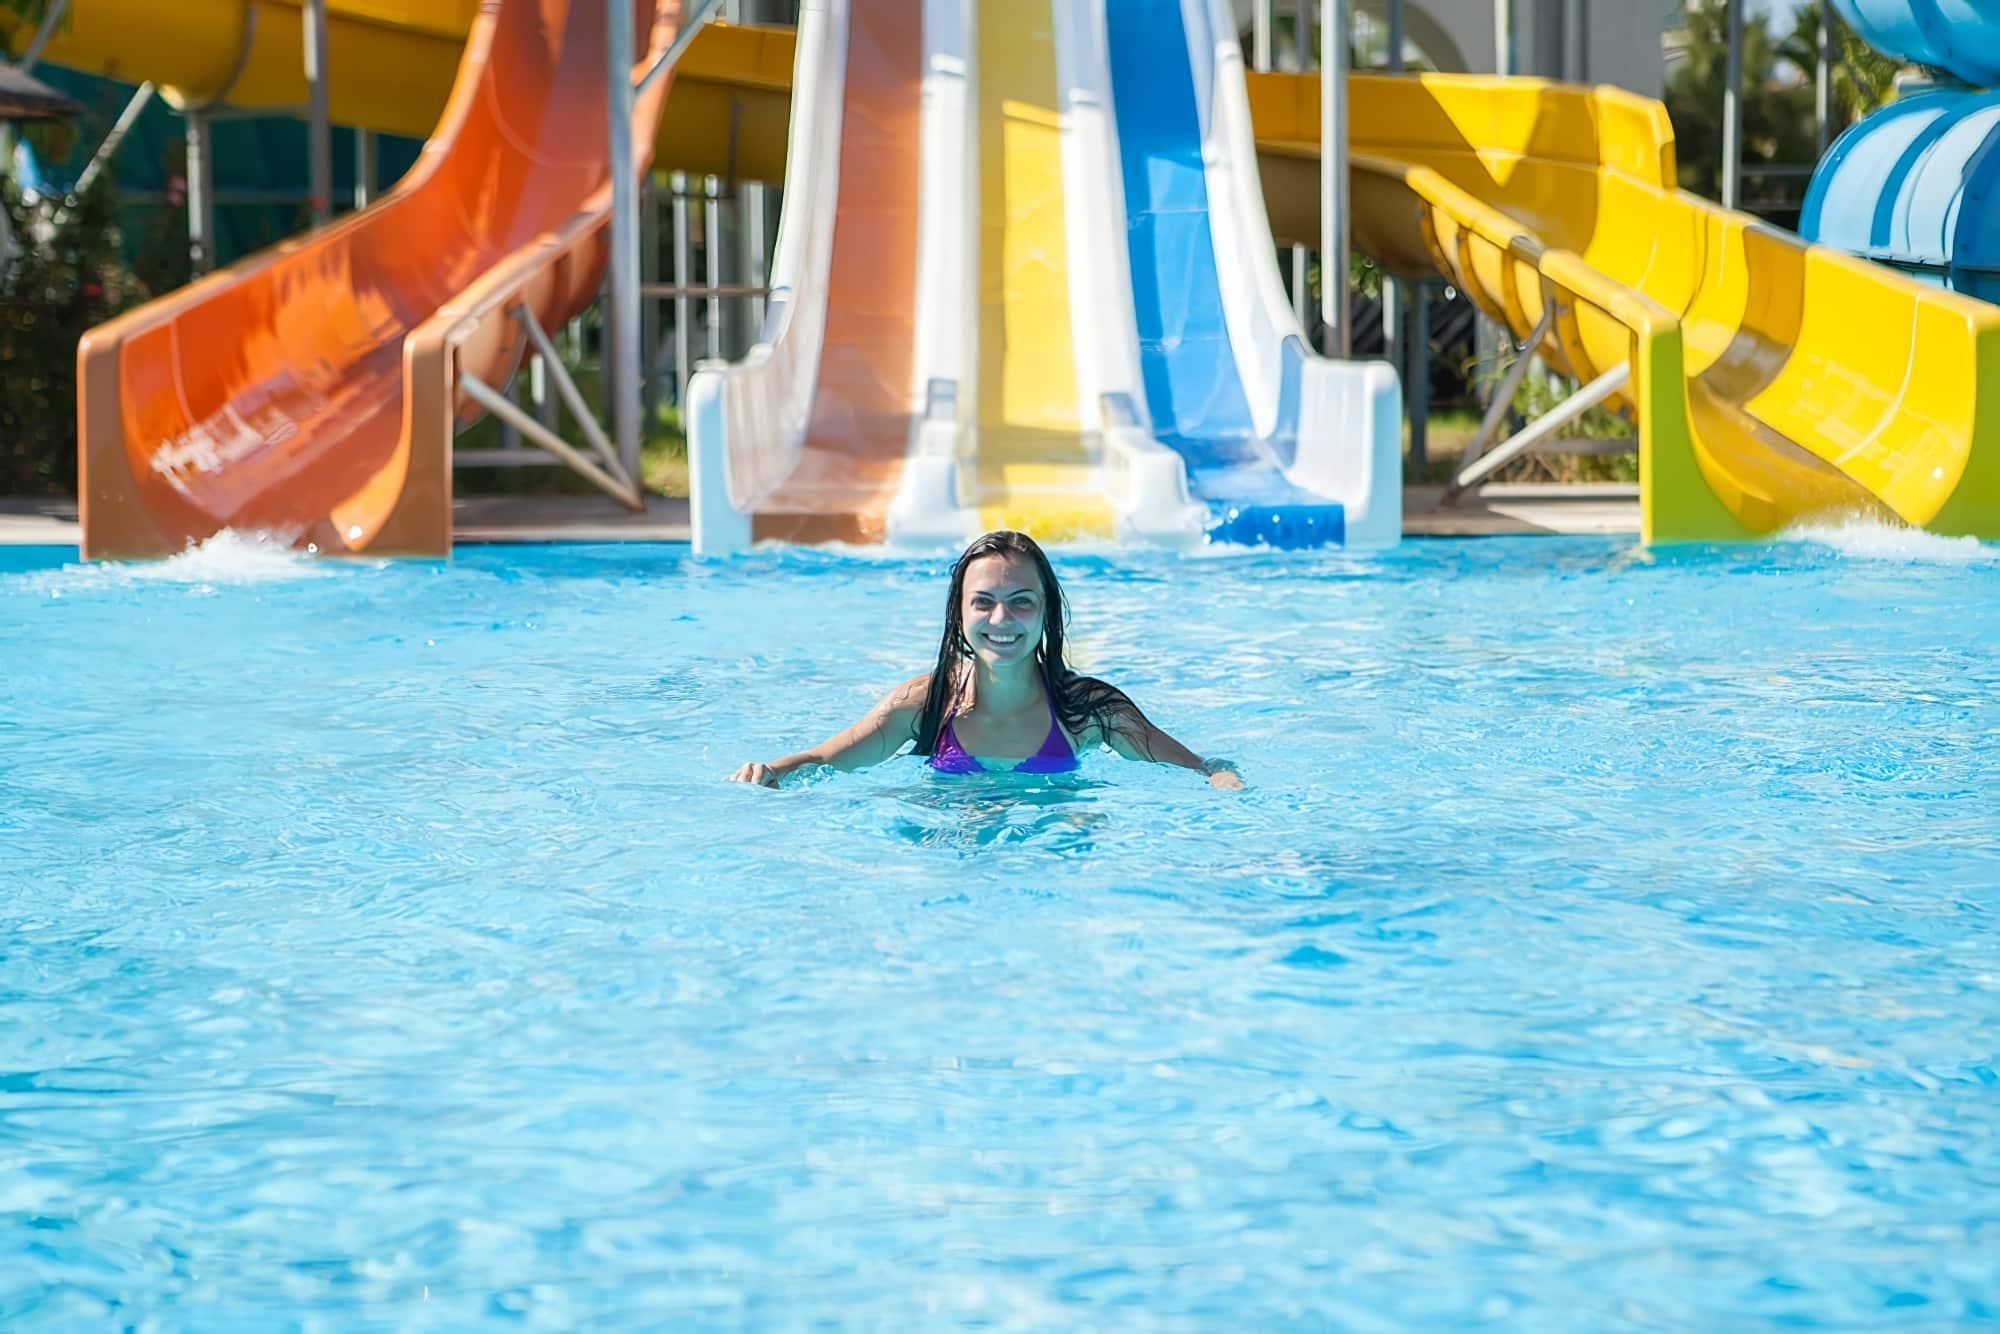 Les 13 meilleurs parcs aquatiques à faire en France